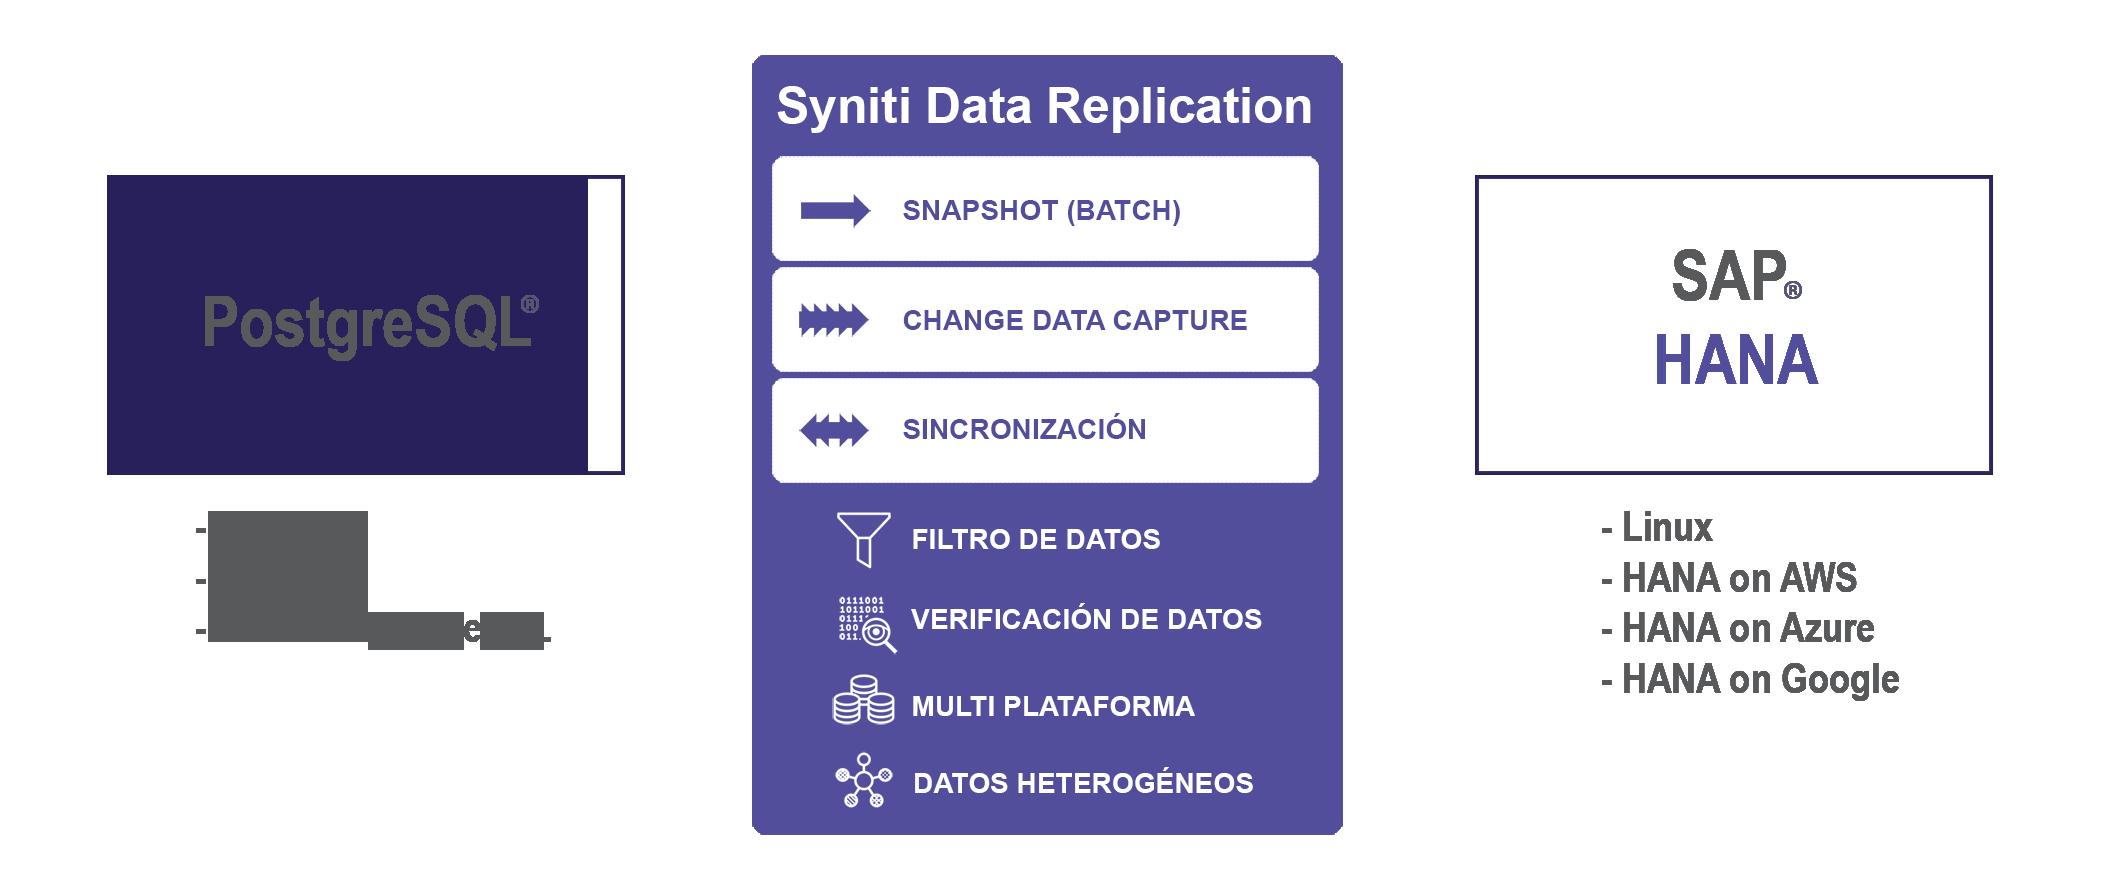 Replicacion de datos PostgreSQL a SAP HANA en tiempo real